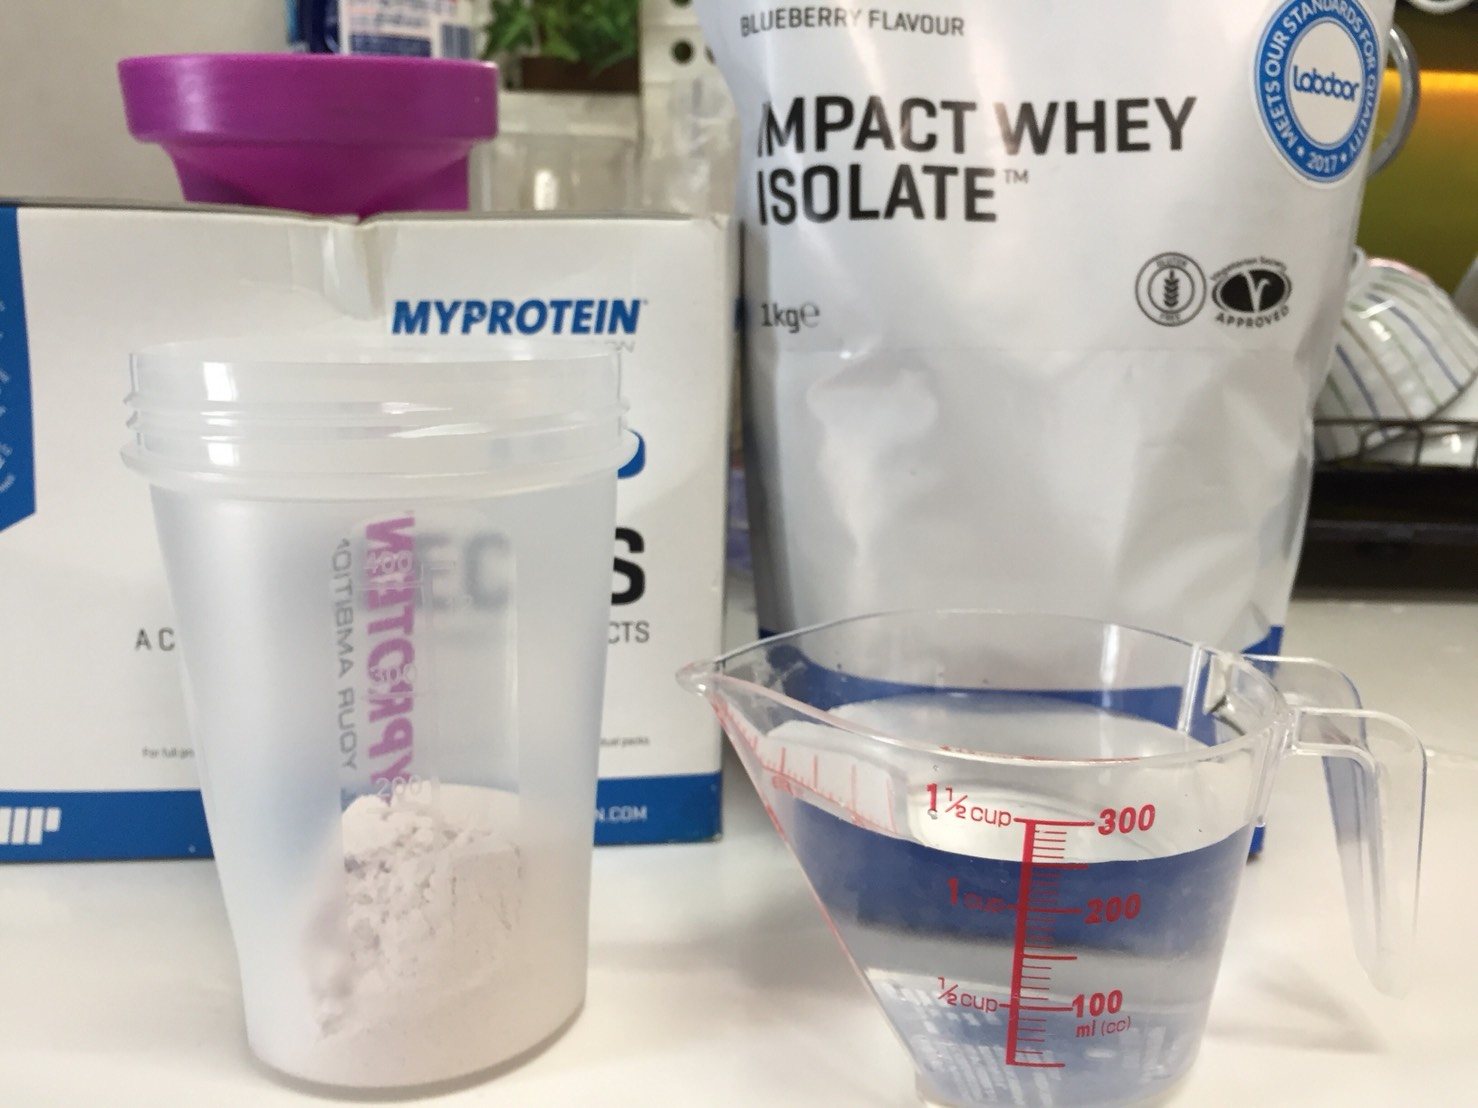 【WPI】Impactホエイアイソレート「BLUEBERRY FLAVOUR(ブルーベリー味)」を250mlの水に溶かしていきます。